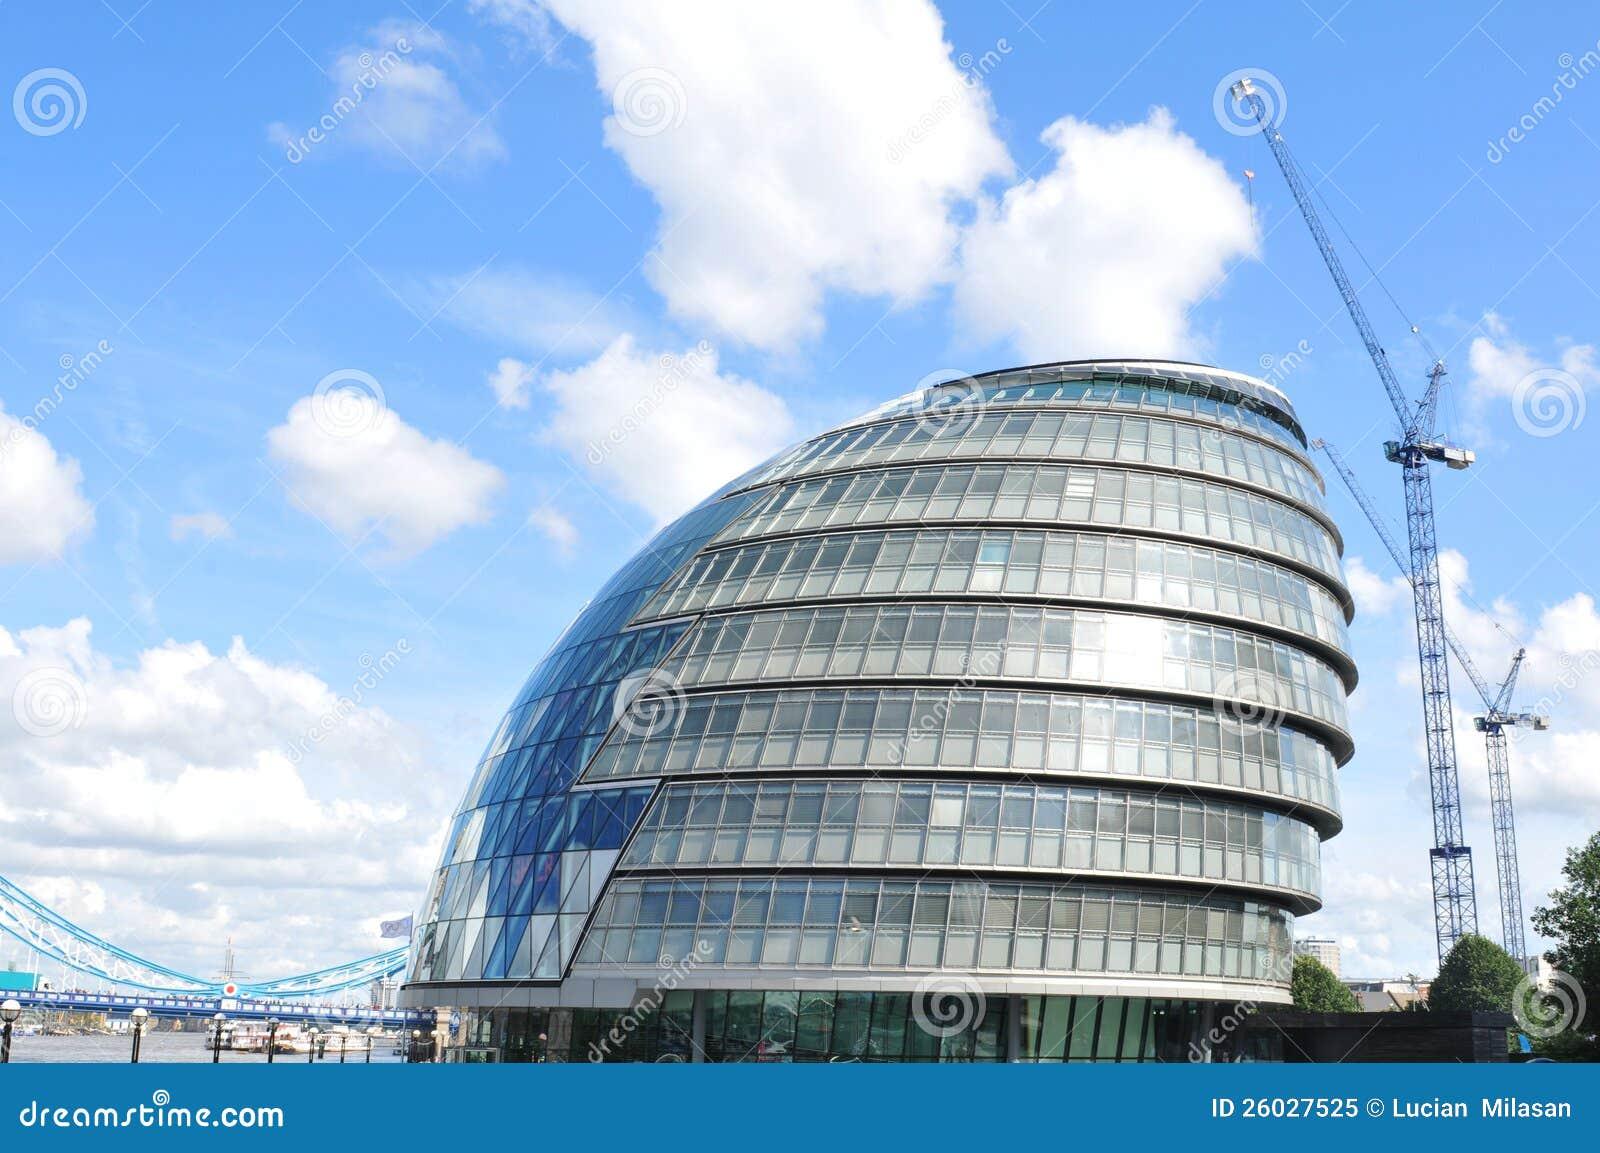 London architektur redaktionelles bild bild 26027525 - London architektur ...